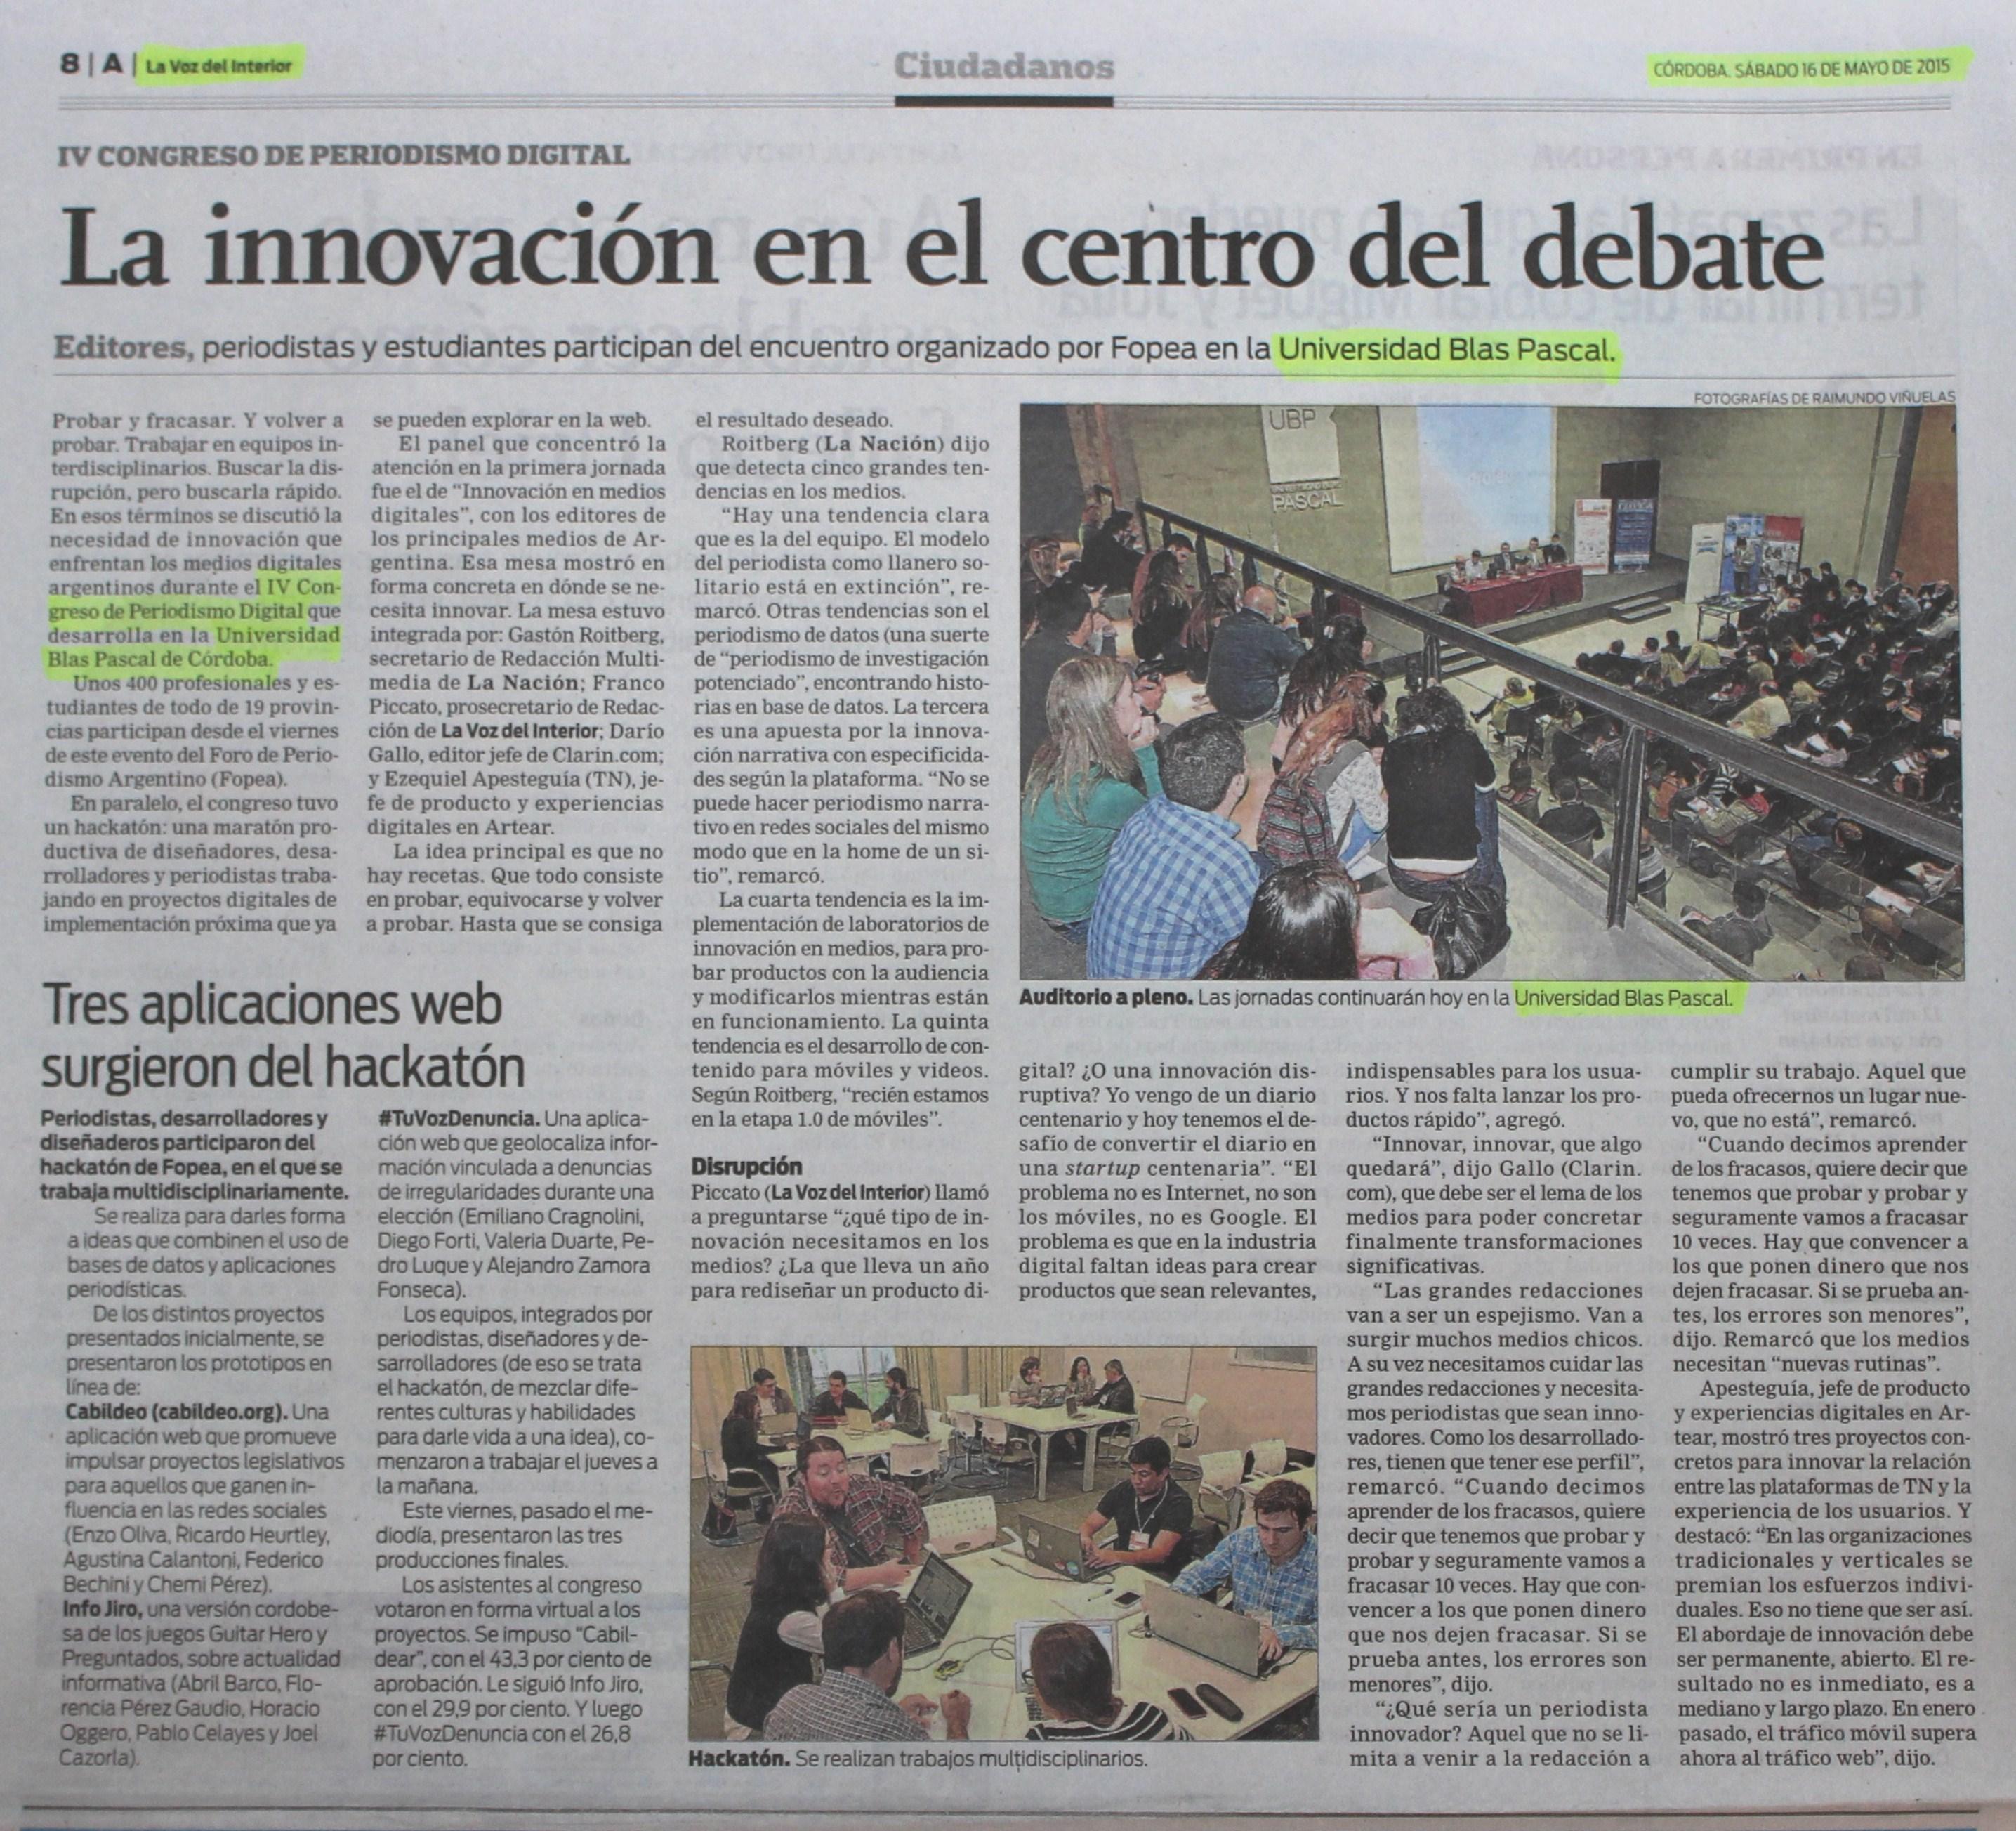 16 05 2015 la innovaci n en el centro del debate for La voz del interior trabajo